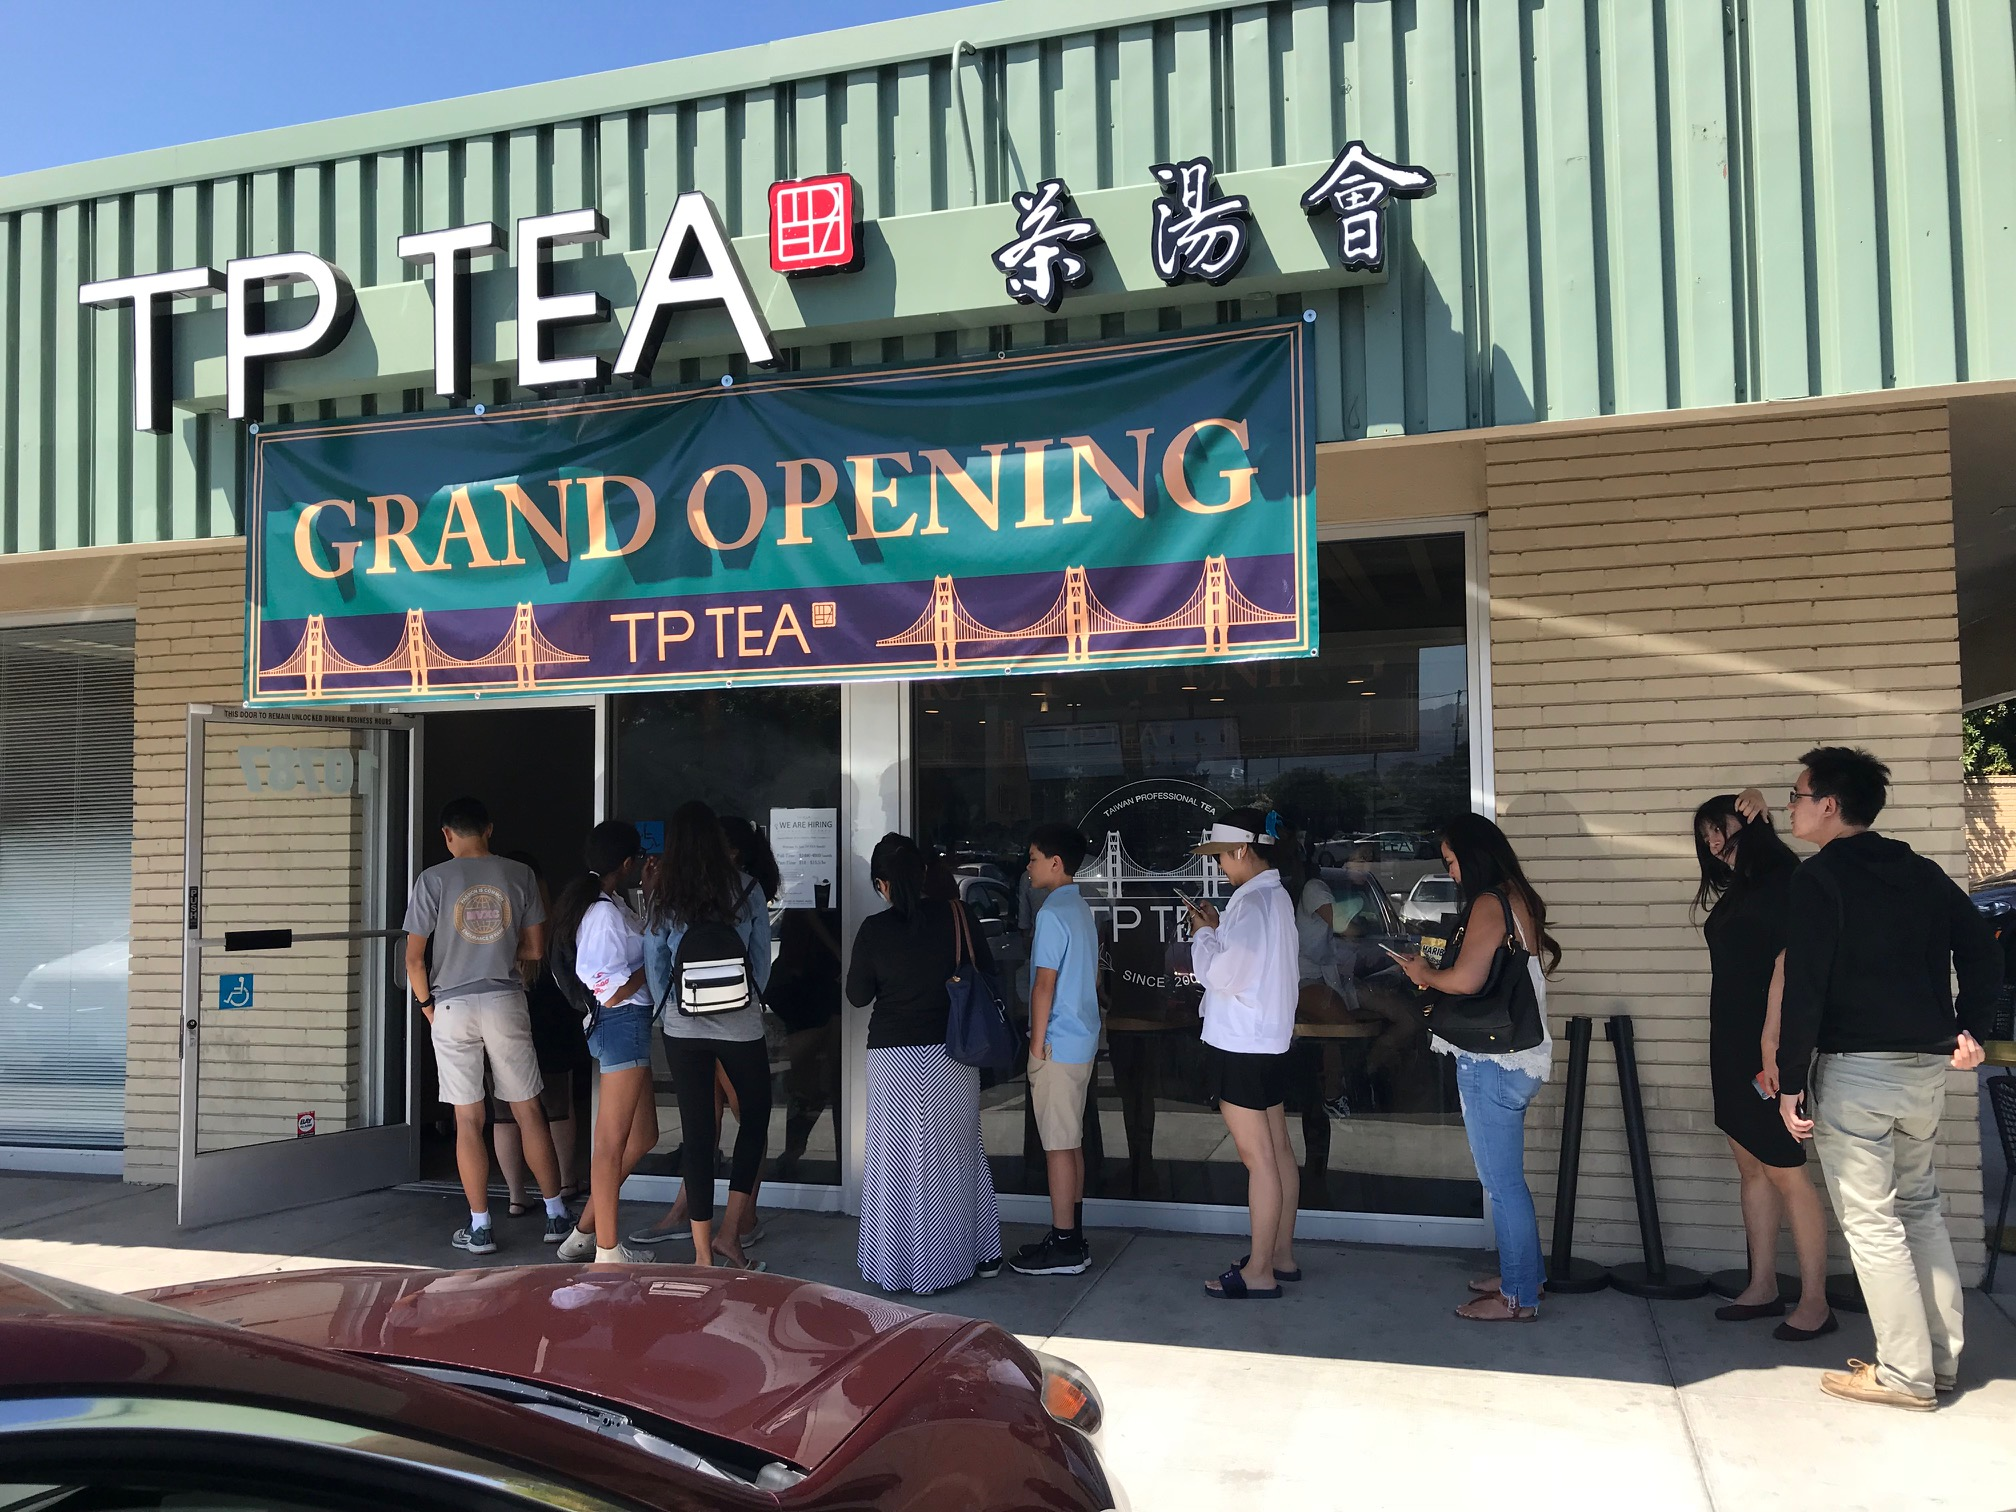 """Giới trẻ xôn xao về thương hiệu trà sữa """"cội nguồn"""" TP TEA du nhập về Việt Nam - Ảnh 1."""